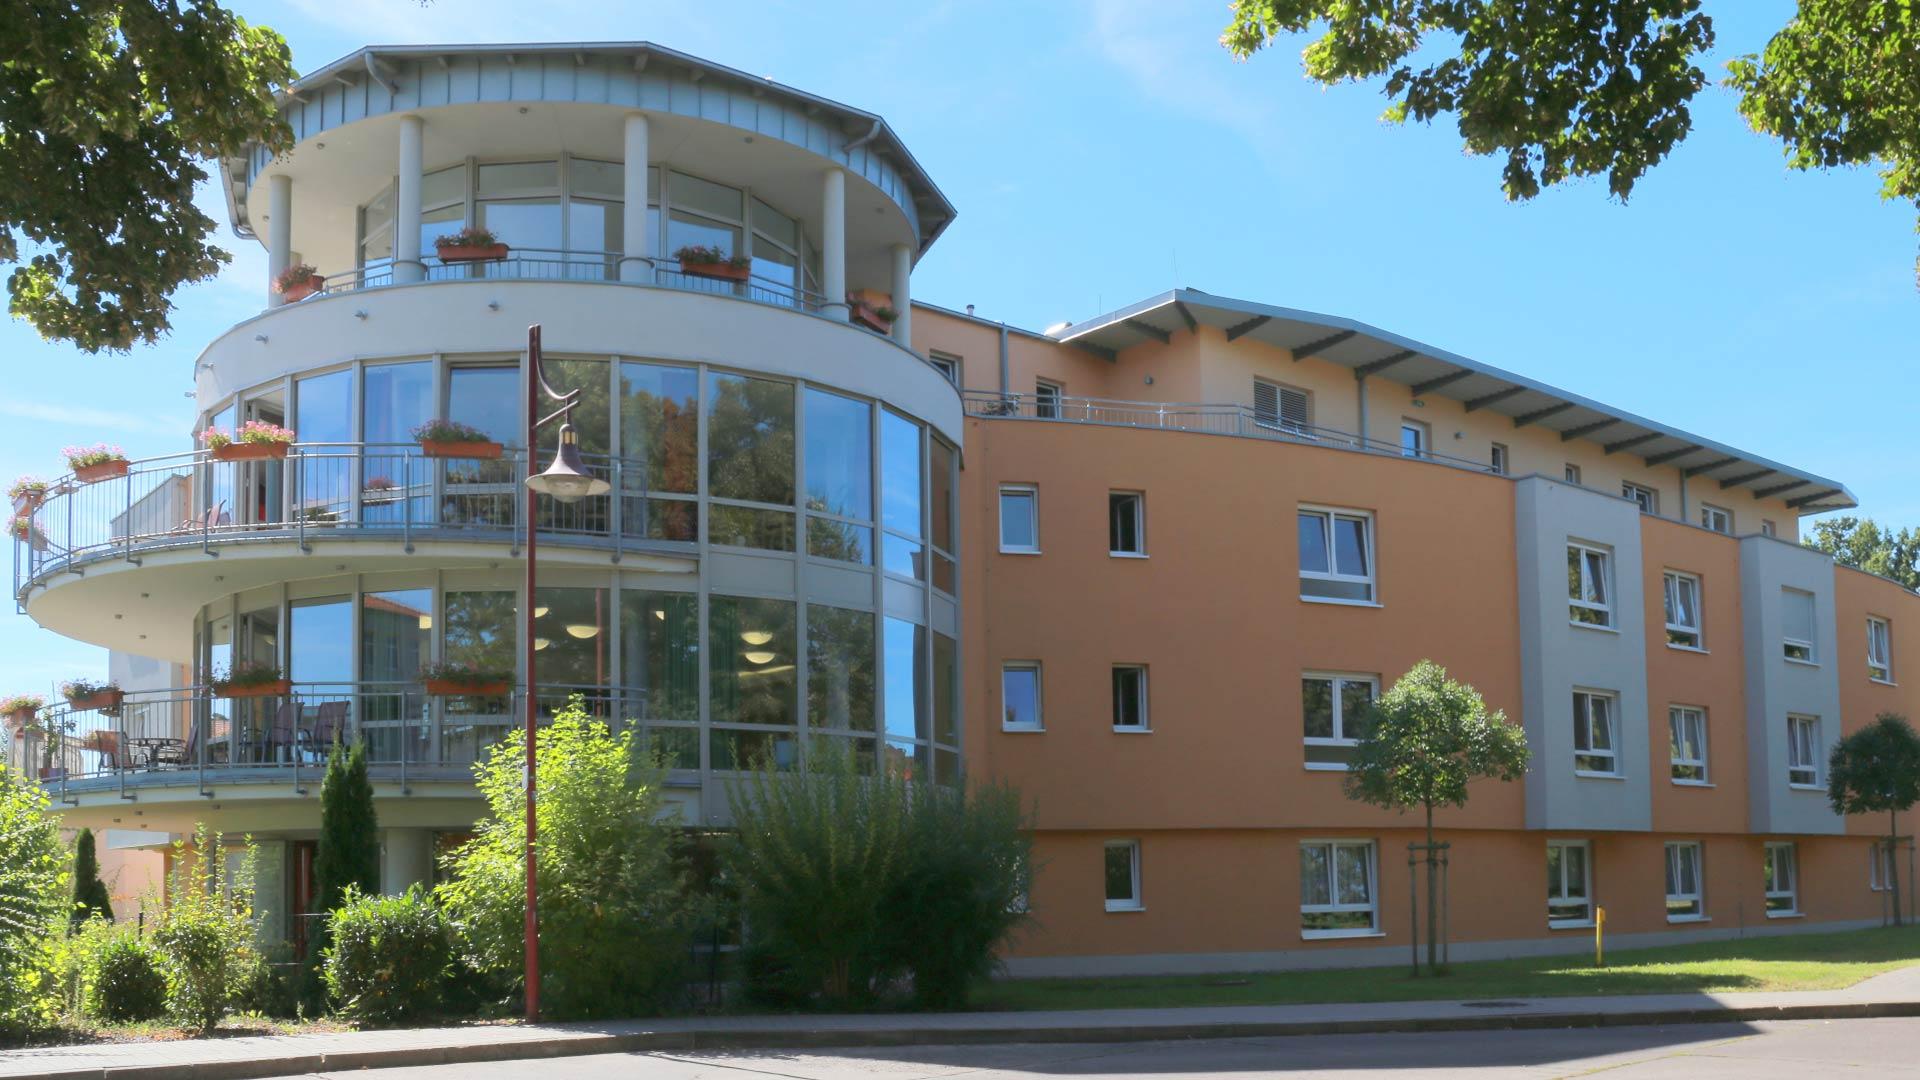 Wohn- und Pflegezentrum | Am Lindenbühl